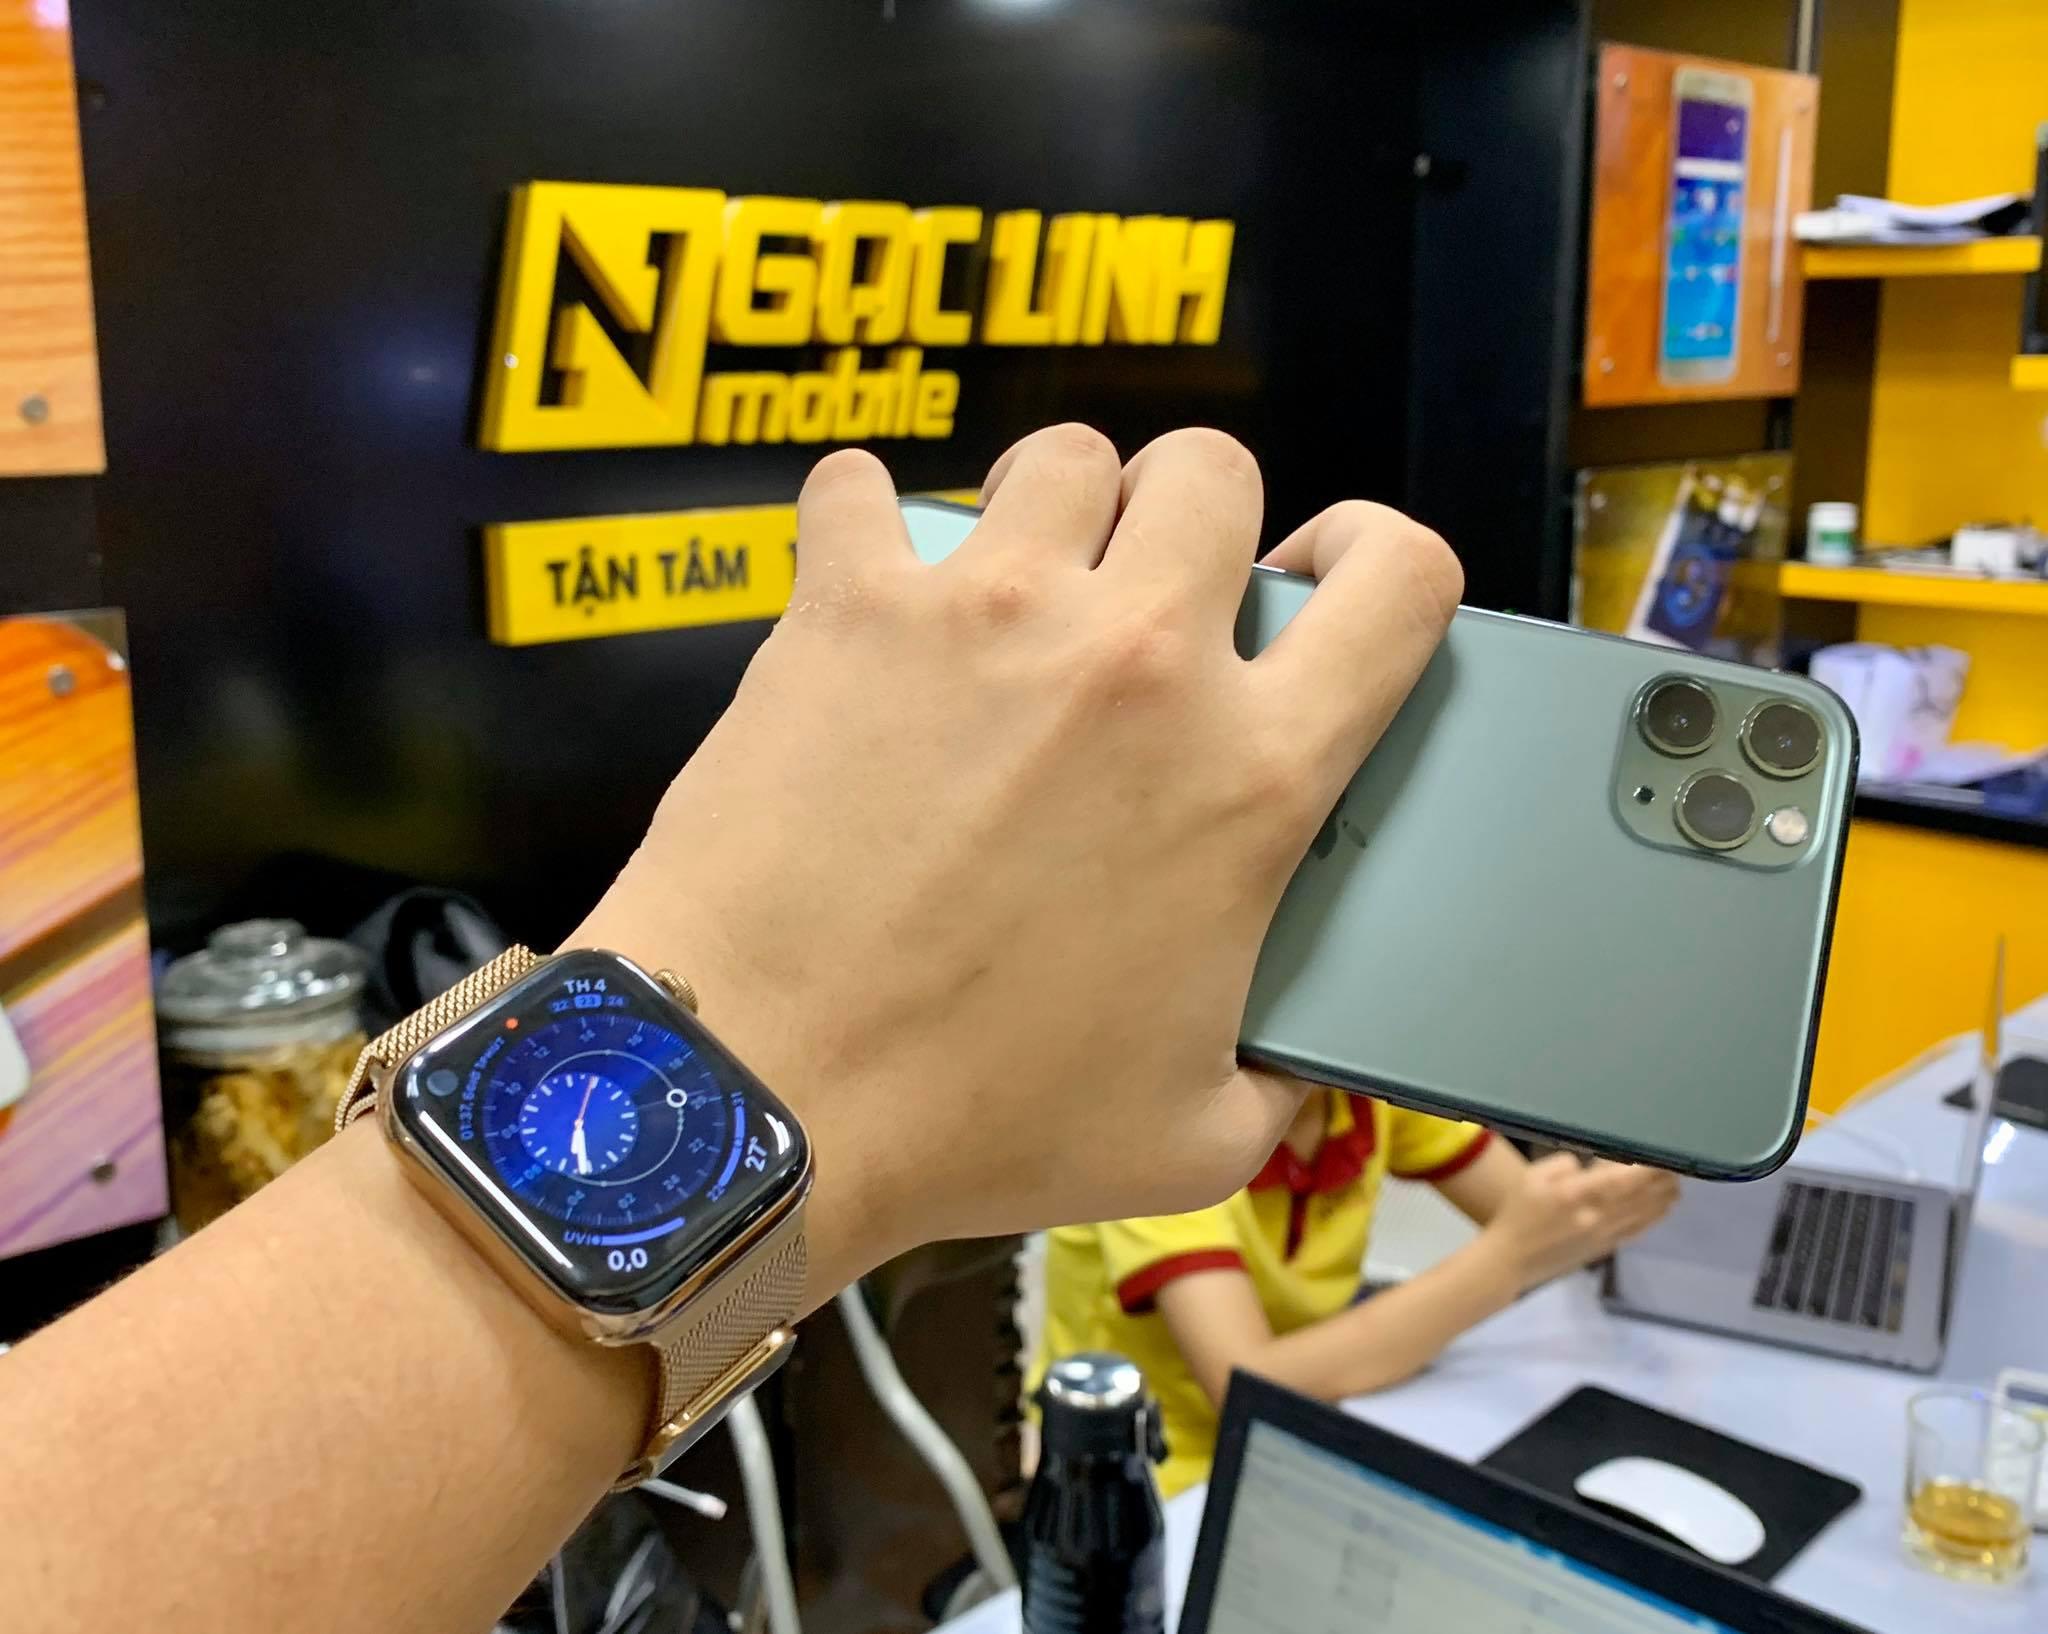 Apple Watch - Viettel chính thức hỗ trợ eSIM cho Apple Watch vào giữa tháng tới